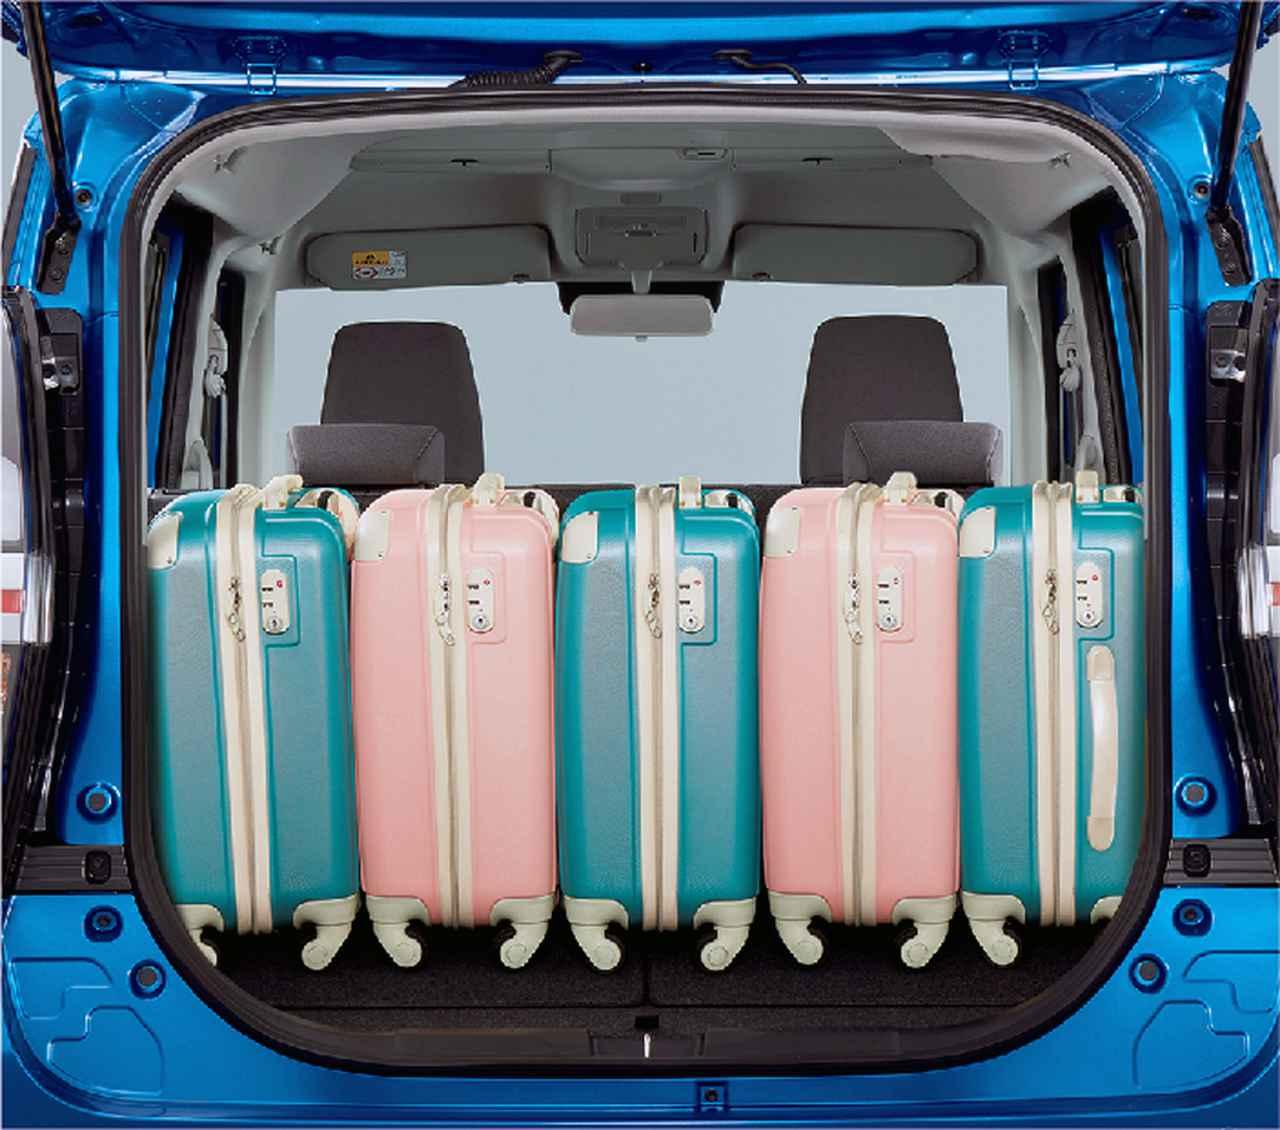 スズキ ソリオ/ソリオバンディットをフルモデルチェンジ。サイズアップで荷室空間も拡大